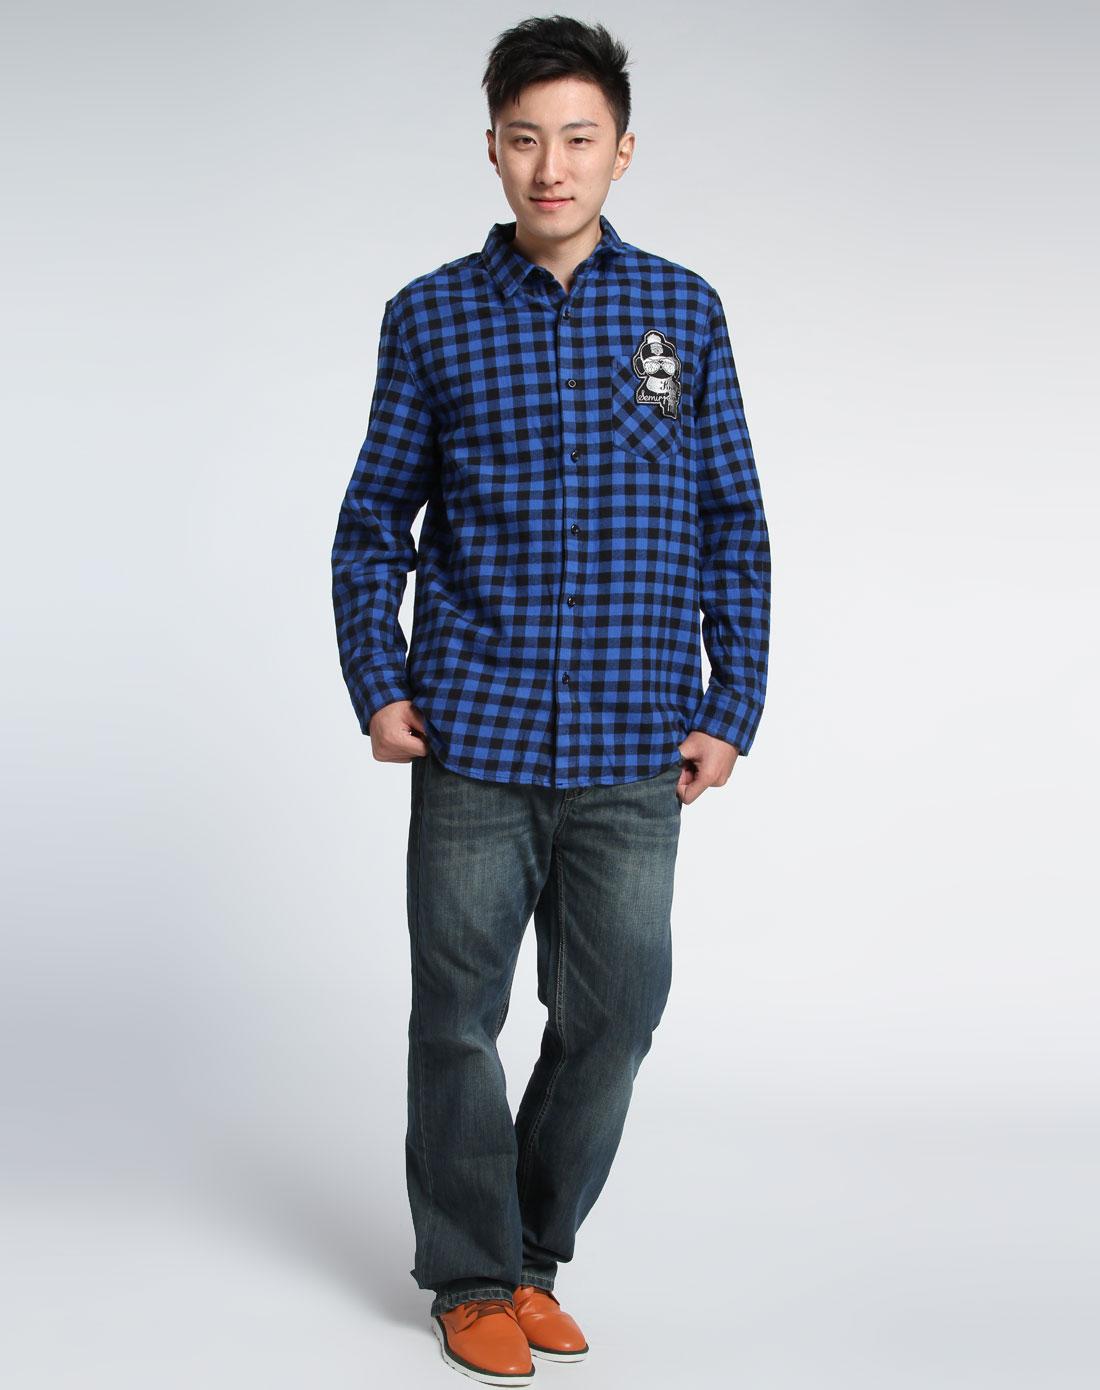 森马-男装男款黑/蓝色格子长袖衬衫084141502-098图片